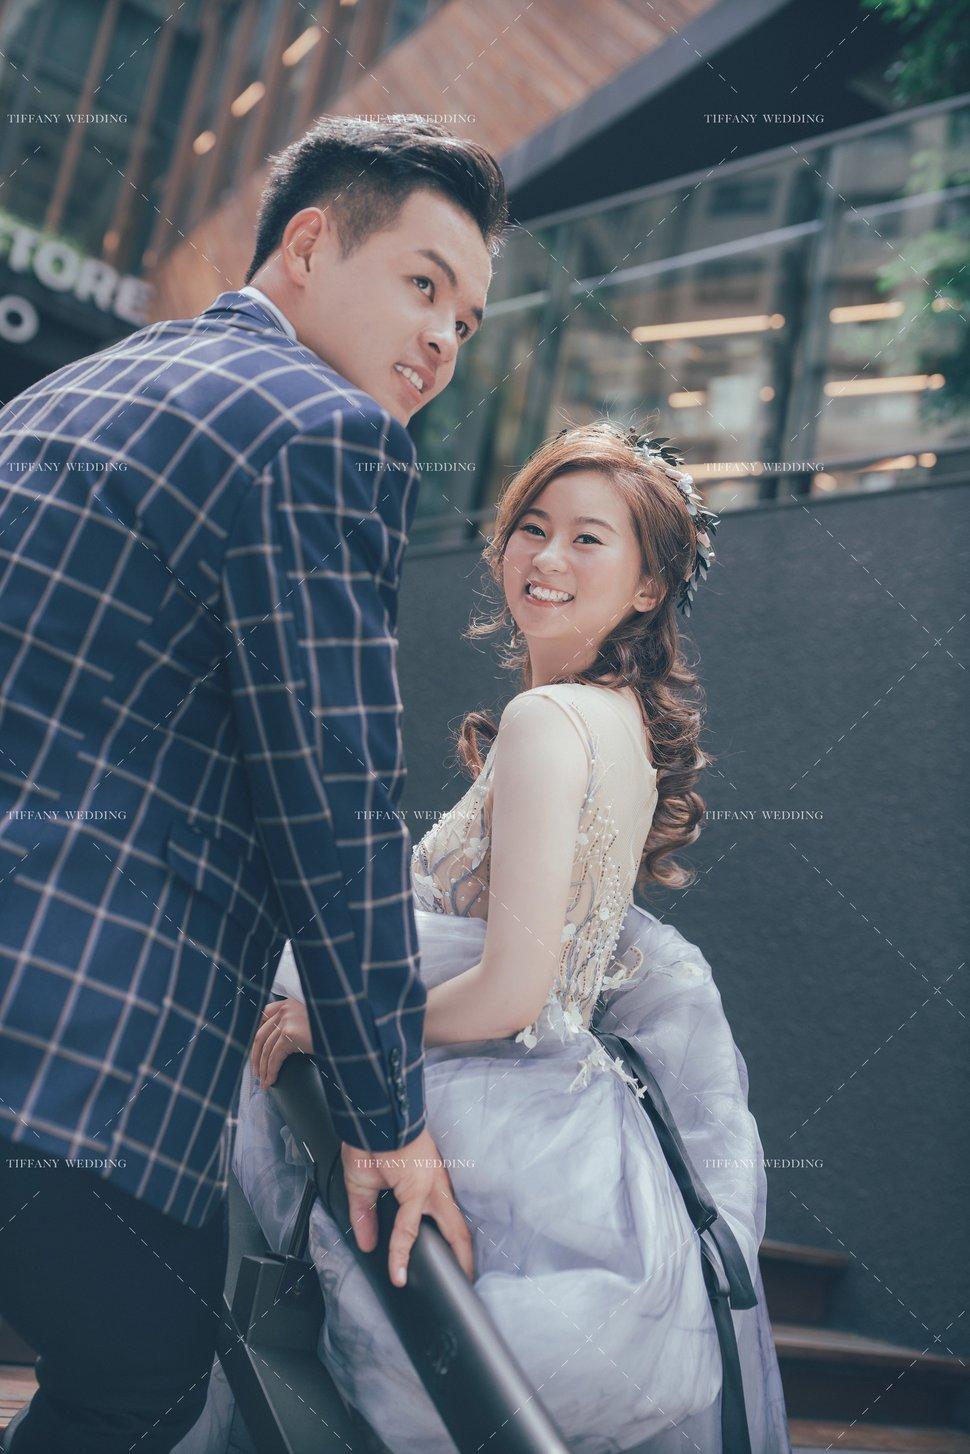 婚紗攝影/婚紗照/台中帝芬妮婚紗/自然婚紗風格 - 台中帝芬妮精品婚紗《結婚吧》